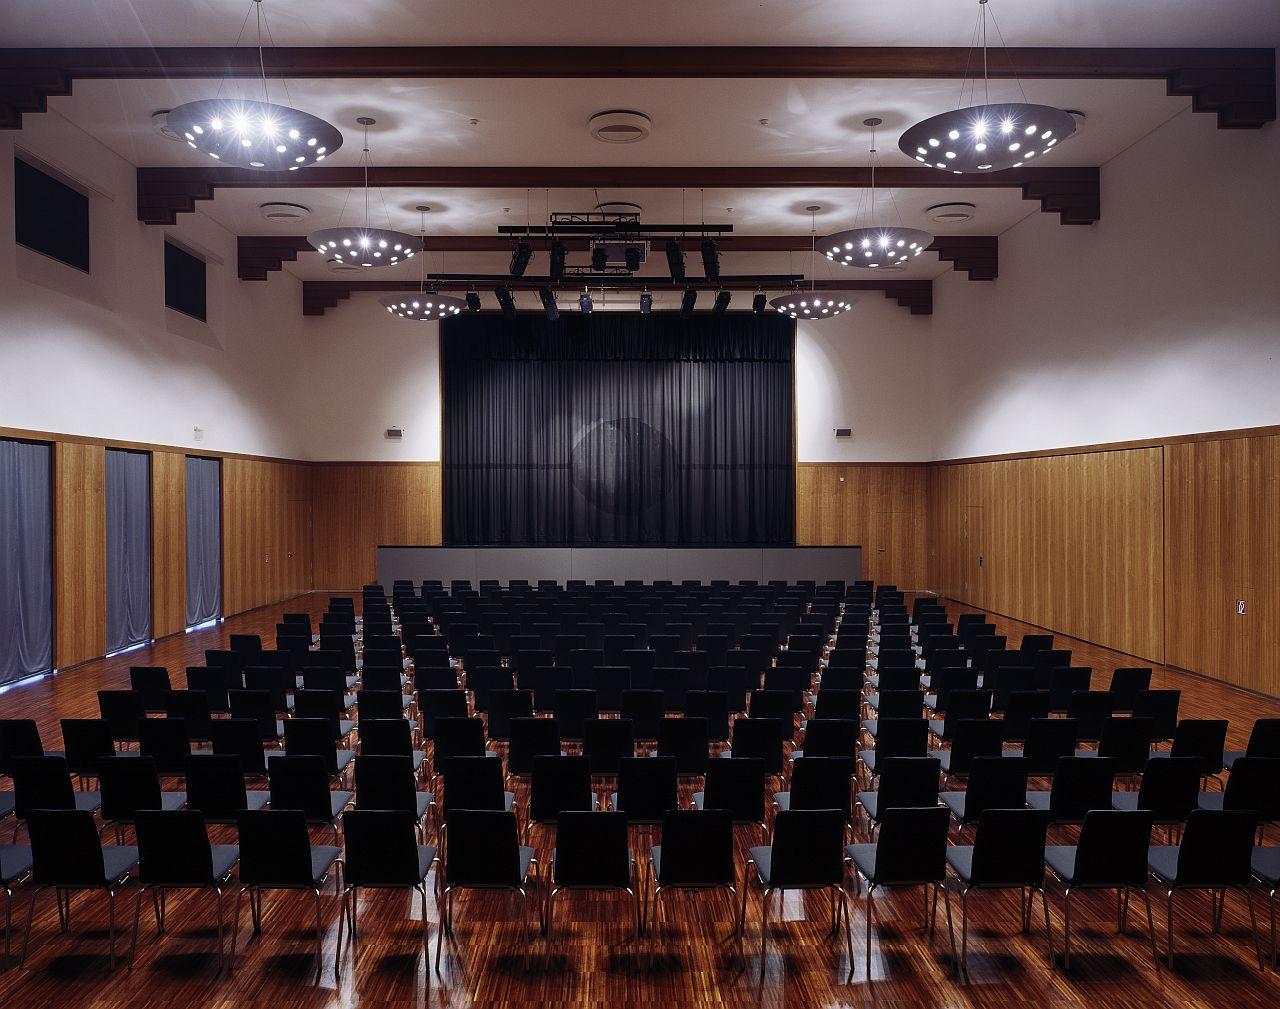 Festhalle bestuhlter Saal mit Blick auf die Buehne